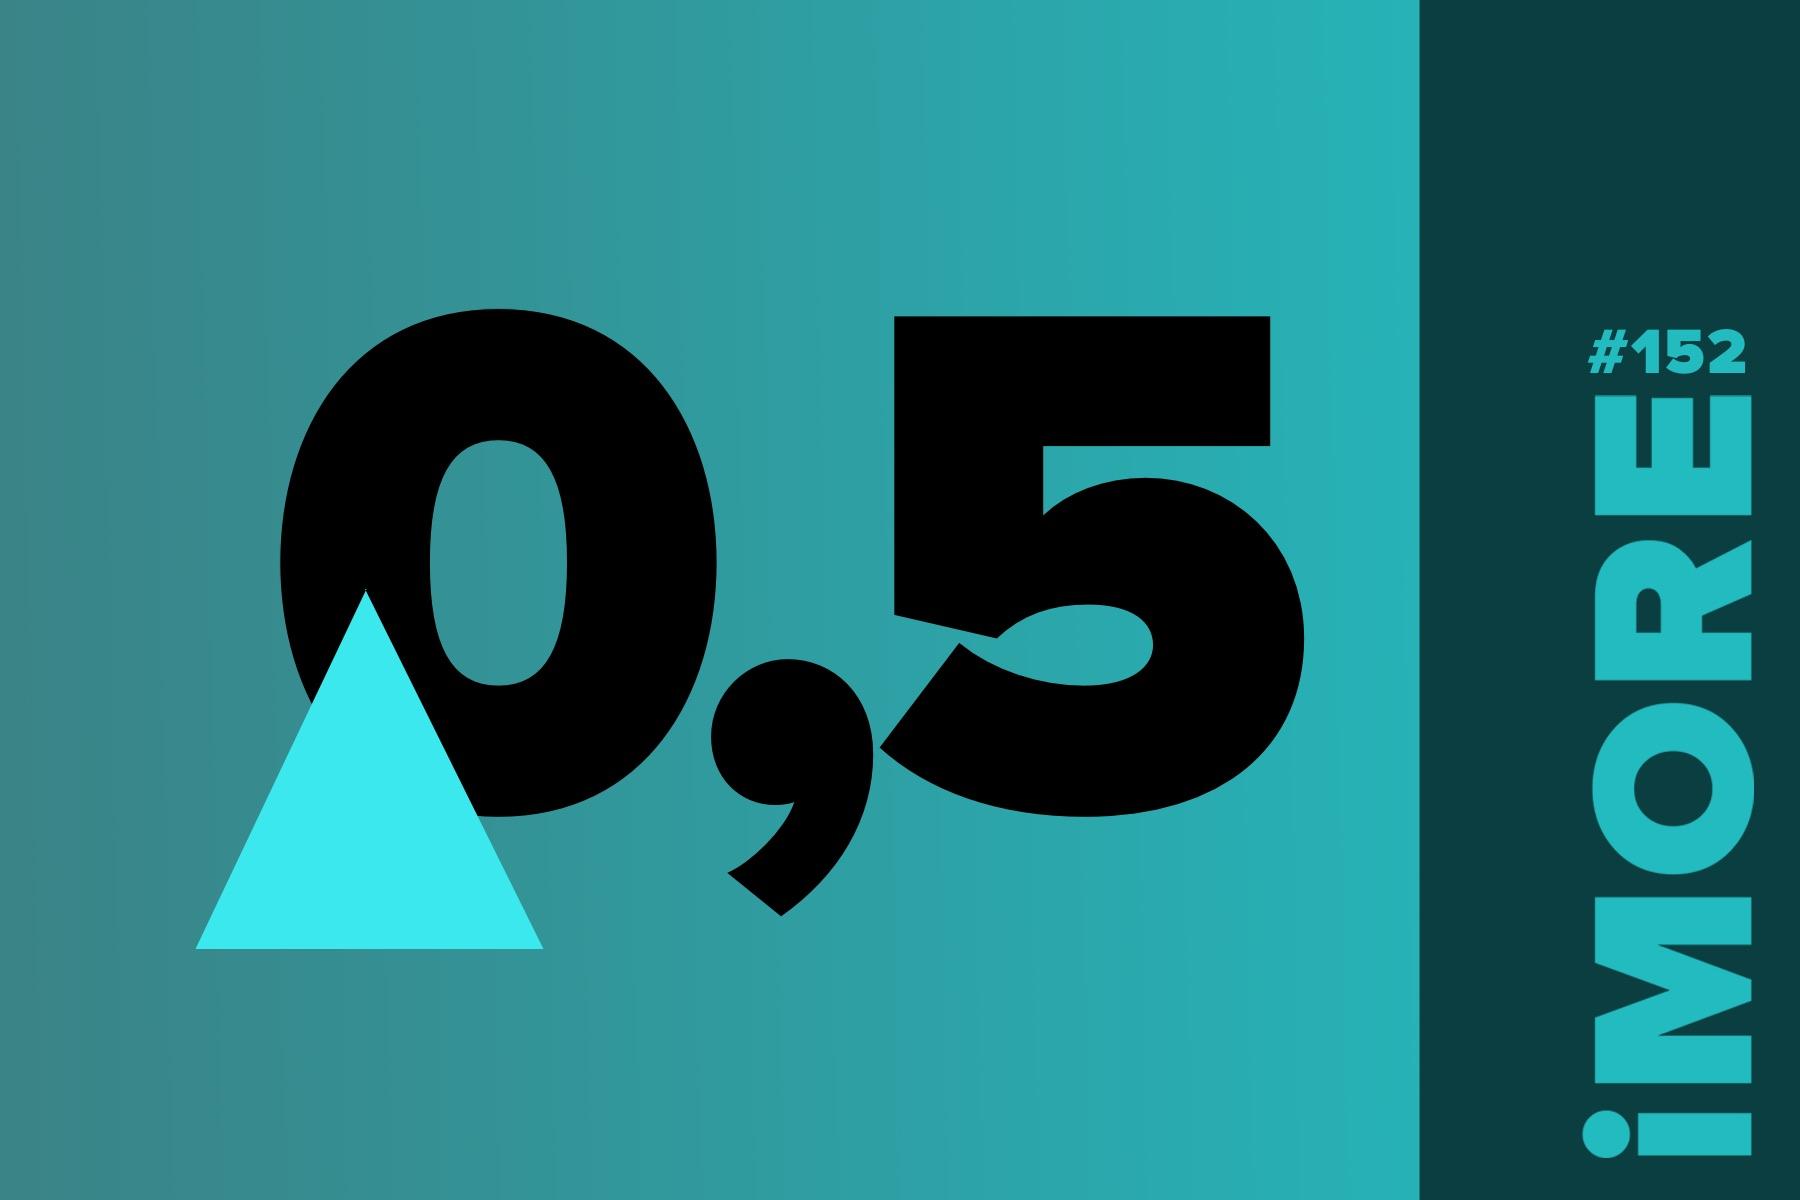 іМоРе №152: Закон об электронных коммуникациях и изменения в закупках газа